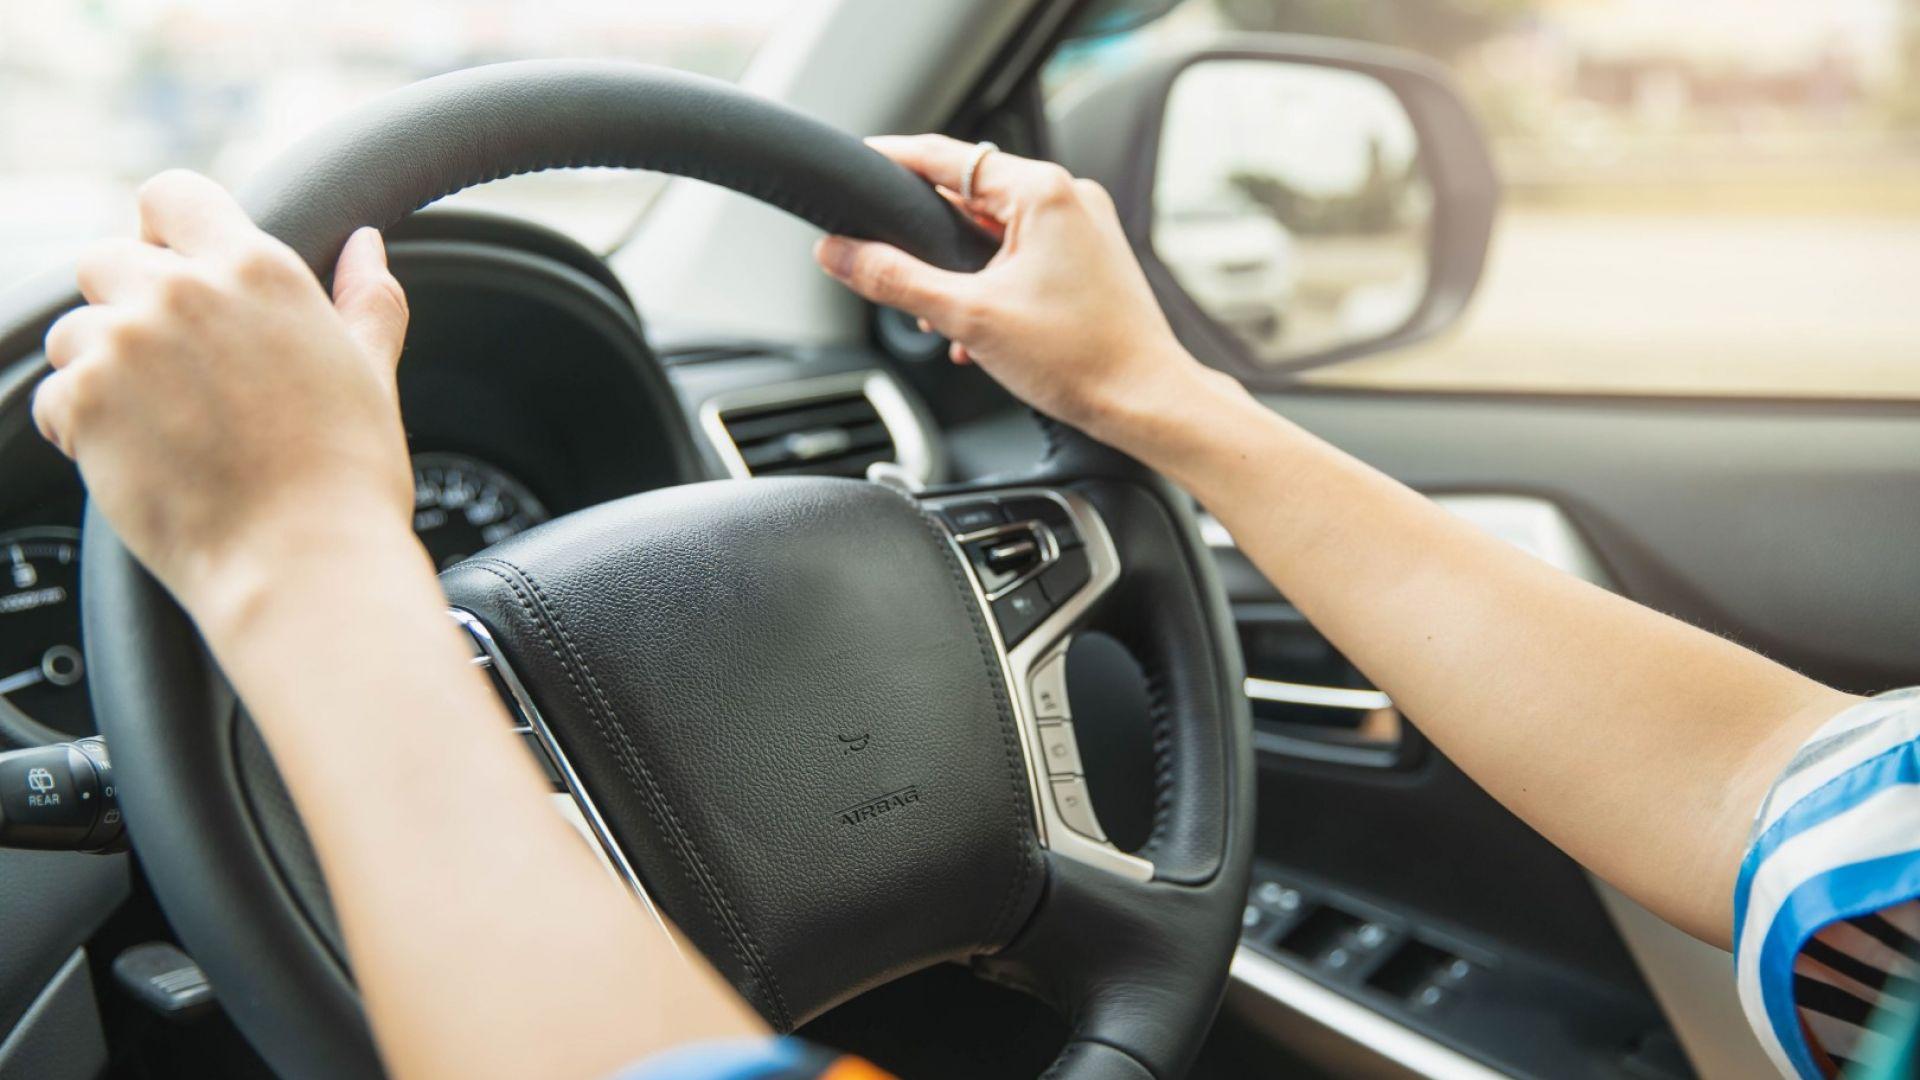 Допълнителни изпити на шофьорите над 60 г. не могат да се въведат по закон